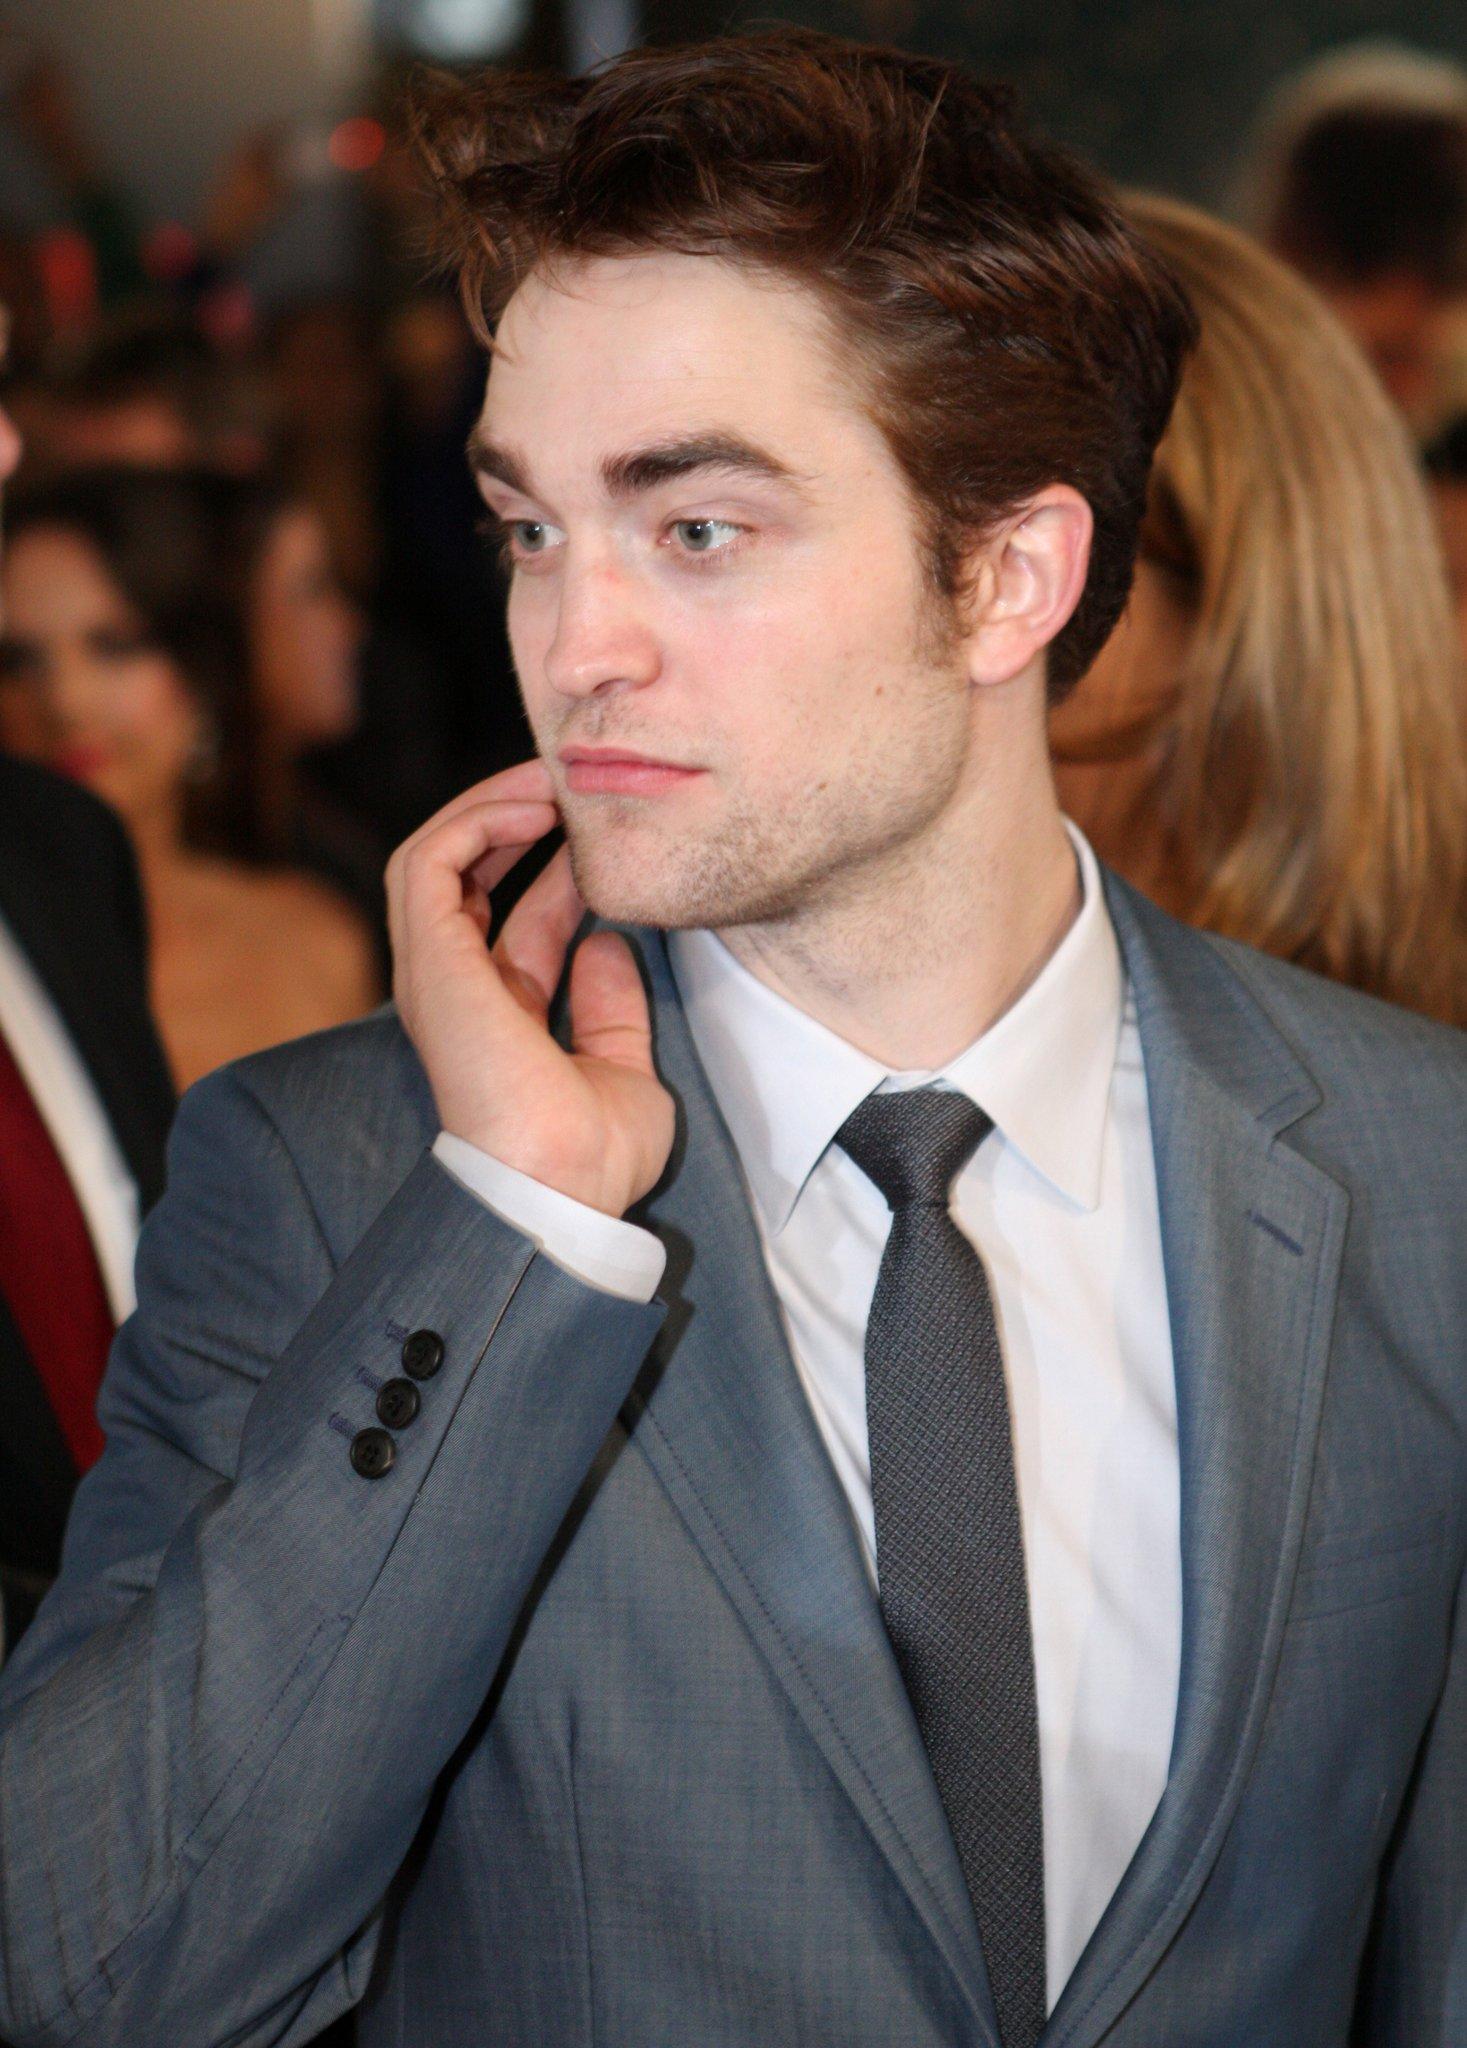 Lange Haare Robert Pattinson überrascht Mit Neuem Look